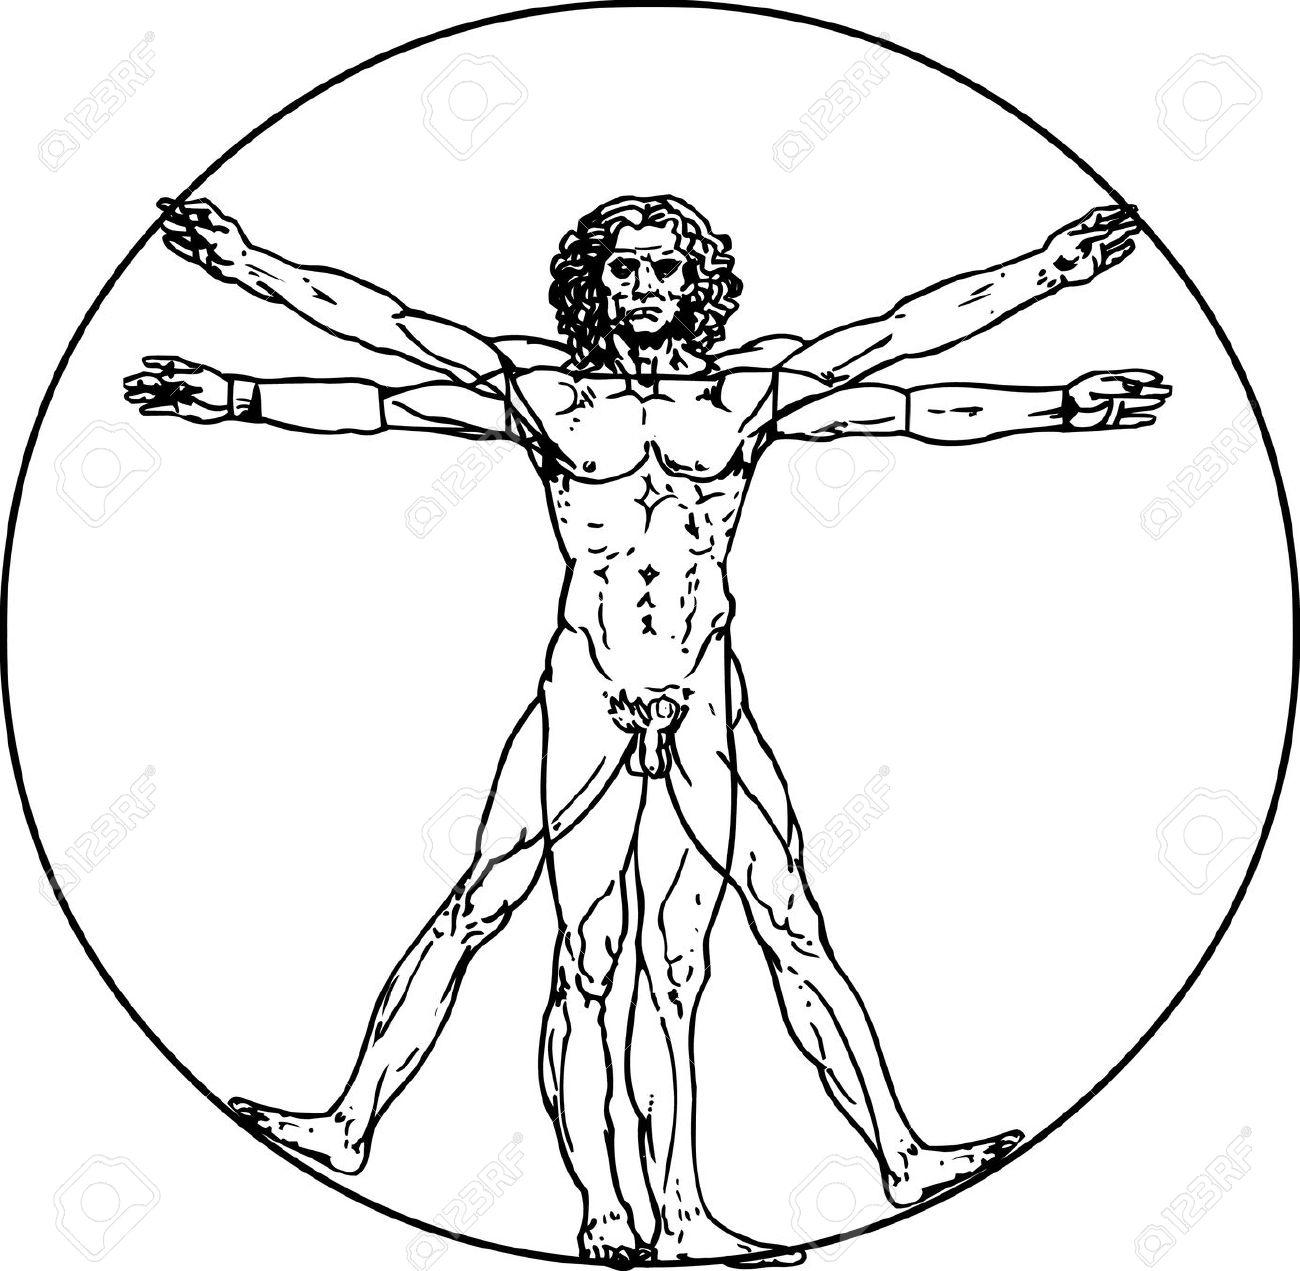 Renaissance clipart leonardo da vinci El Vitruvio hombre El Vinci